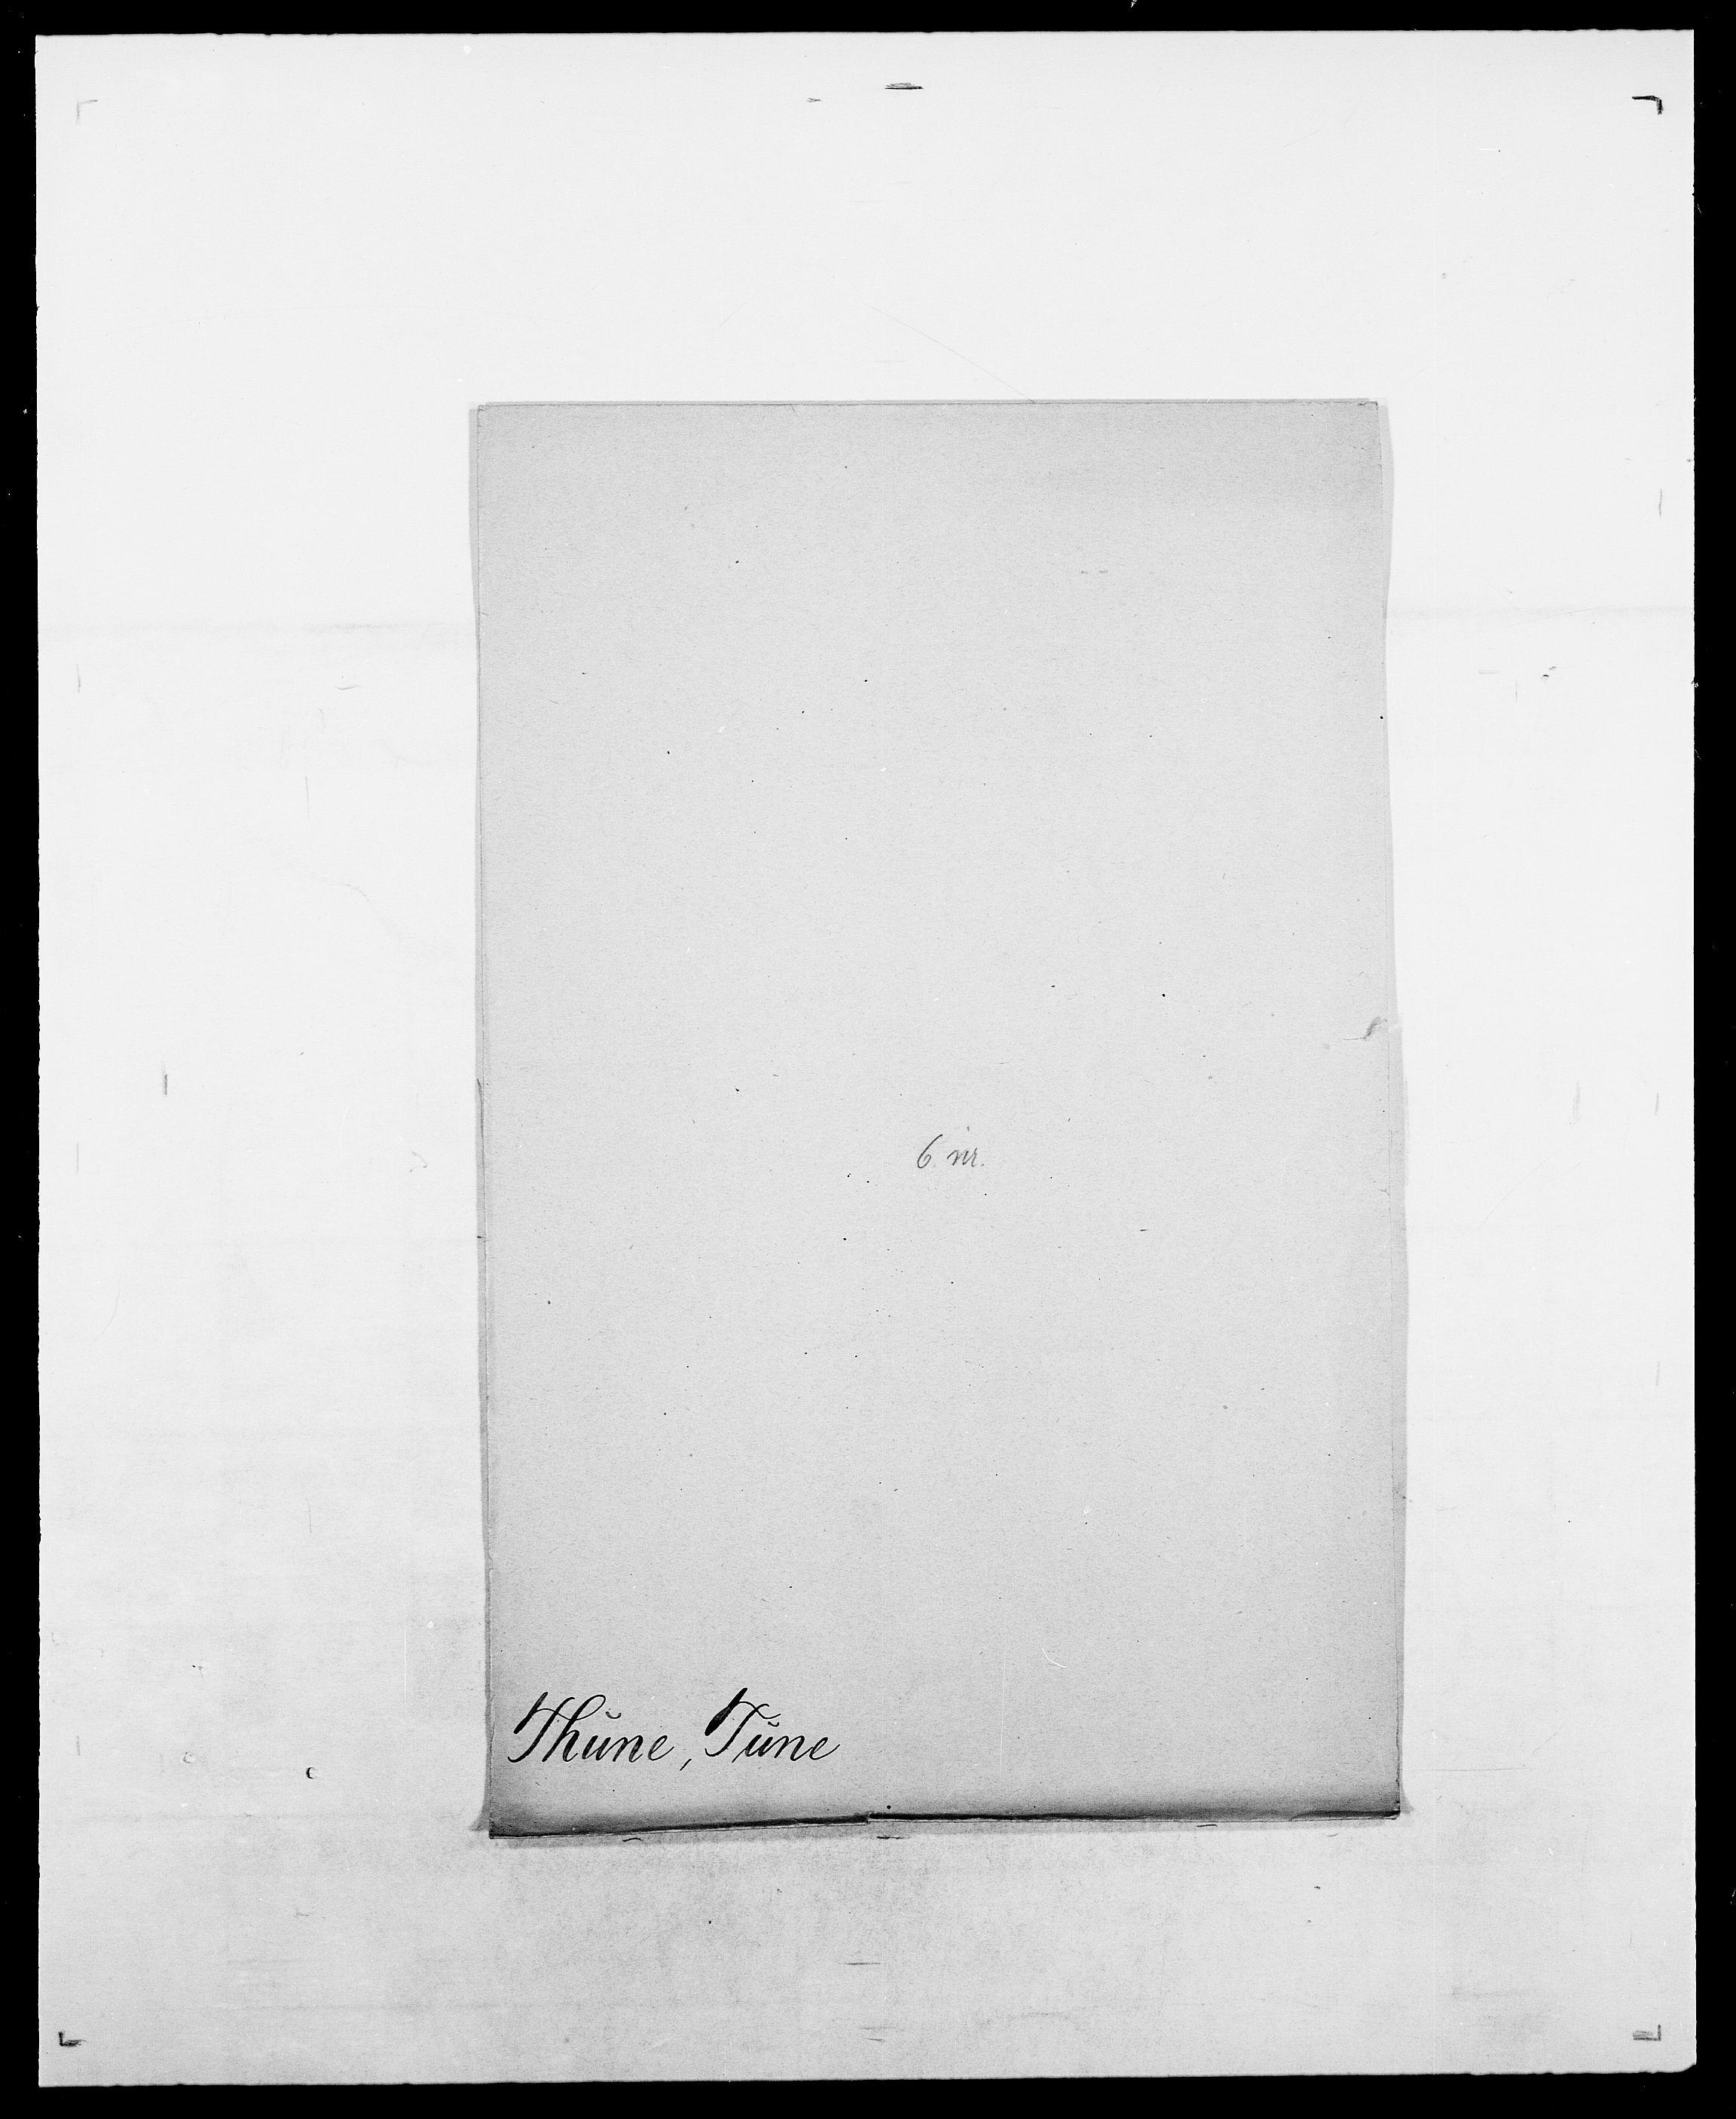 SAO, Delgobe, Charles Antoine - samling, D/Da/L0038: Svanenskjold - Thornsohn, s. 1031